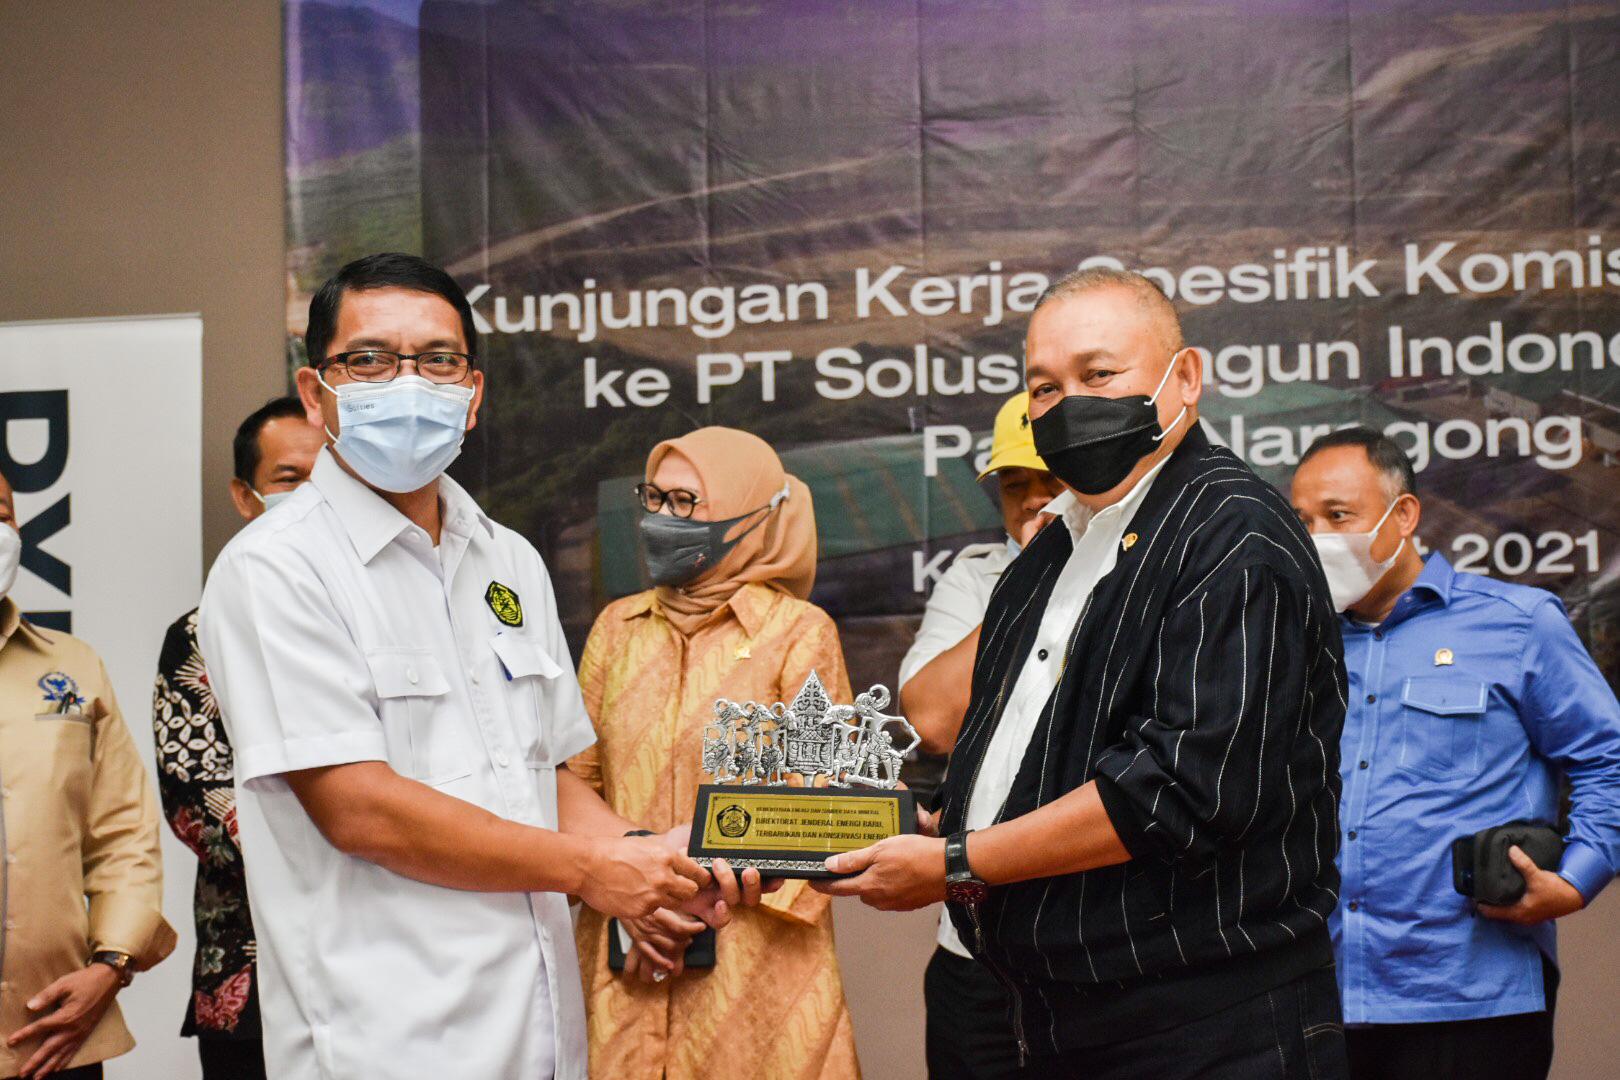 Penyerahan secara simbolis momento dari Dirjen EBTKE kepada Ketua Tim Kunjungan Spesifik Komisi VII DPR RI di PT. Solusi Bangun Indonesia Tbk, Bogor (25/03/2021) (NS)